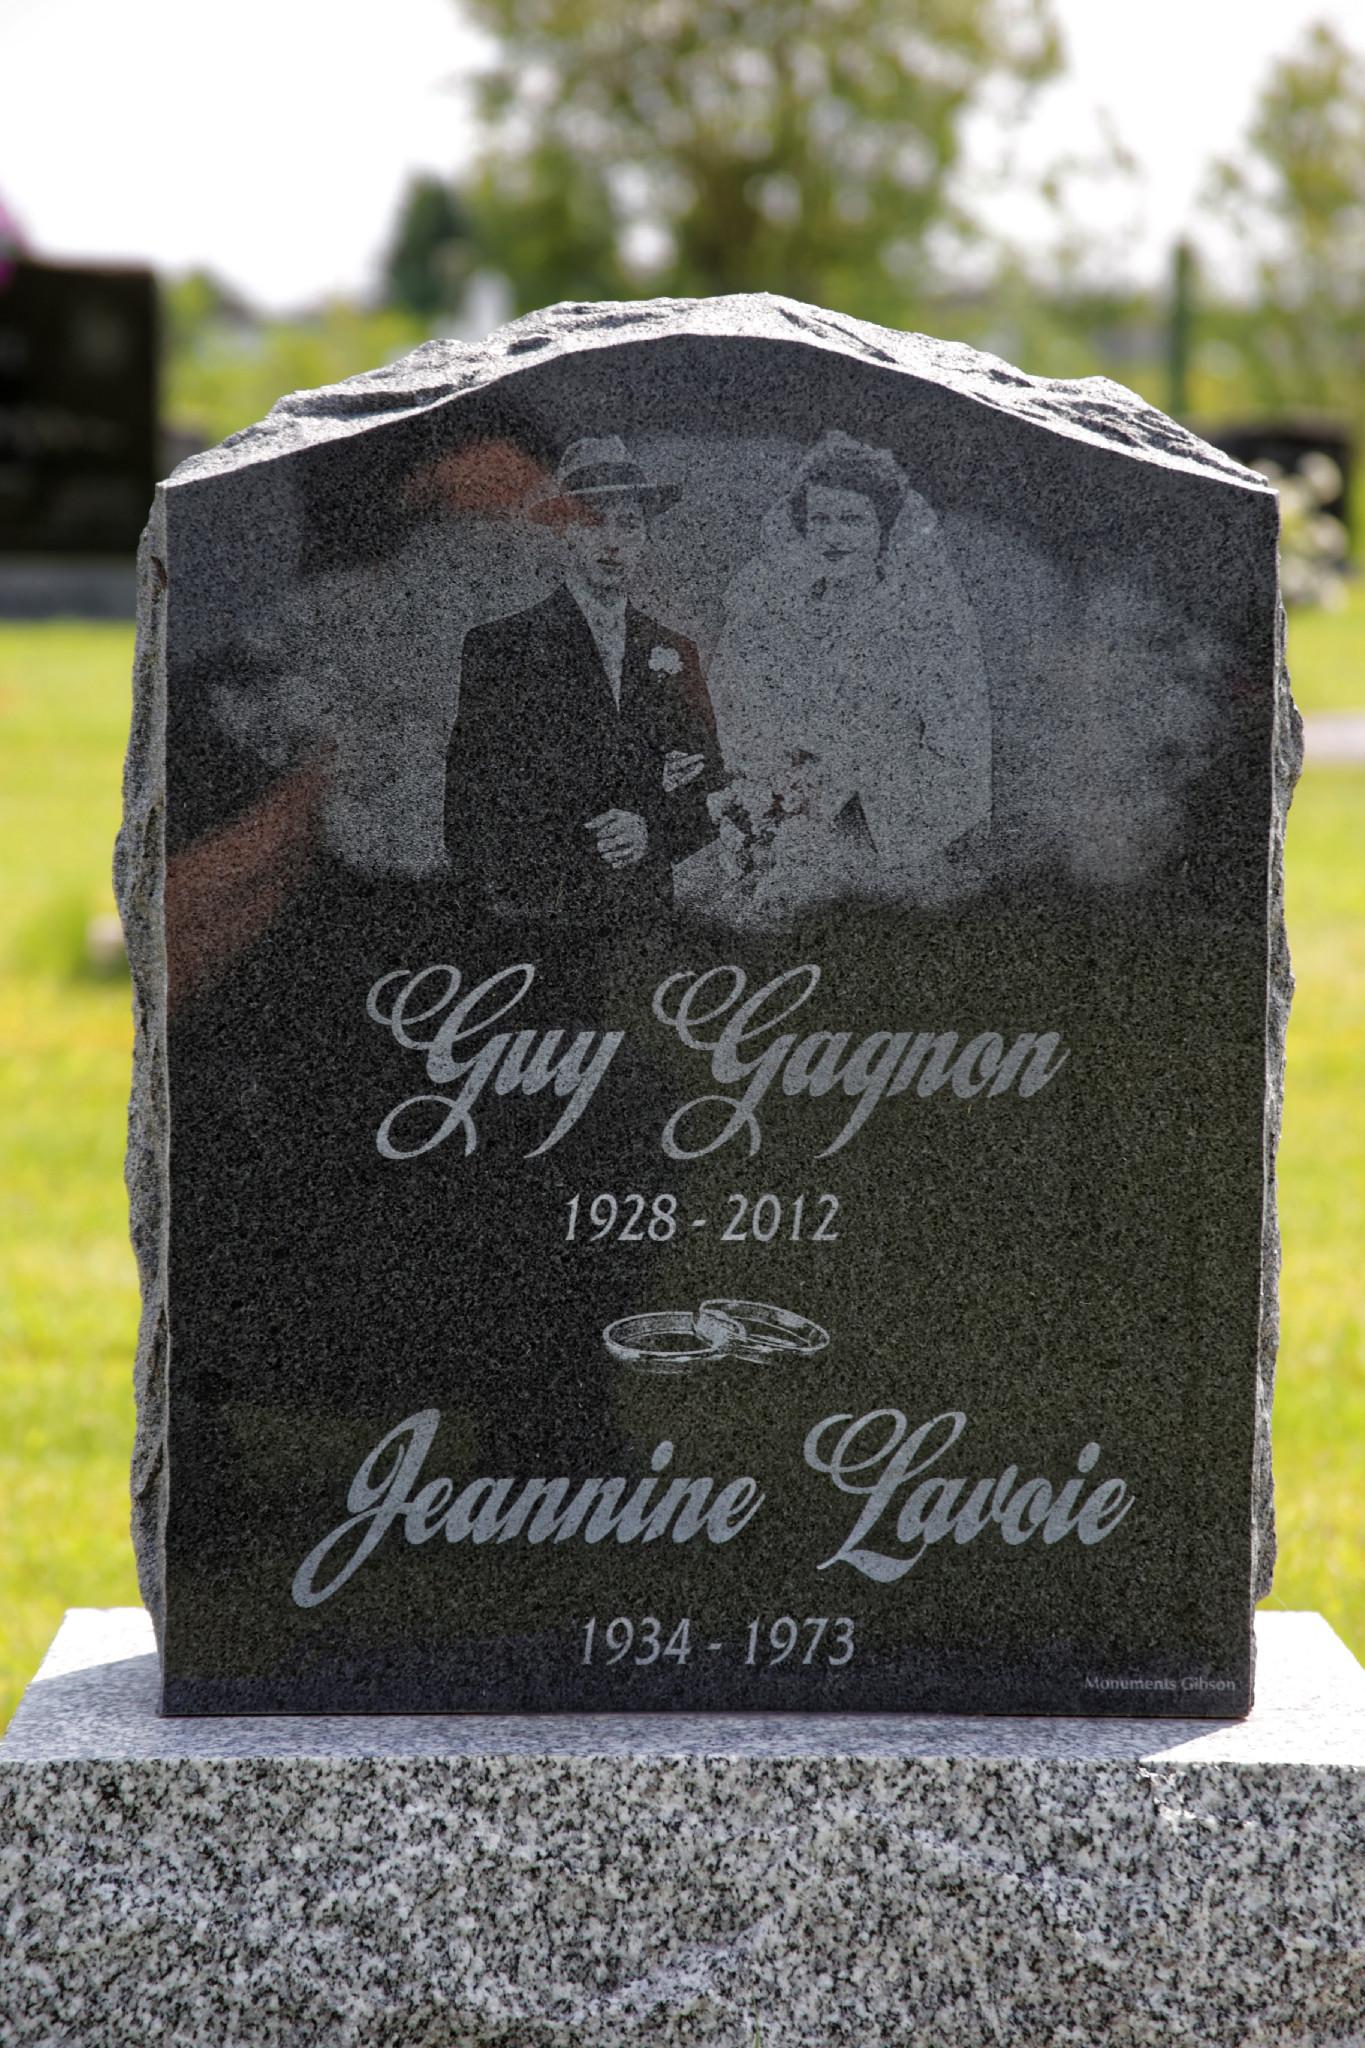 Guy Gagnon